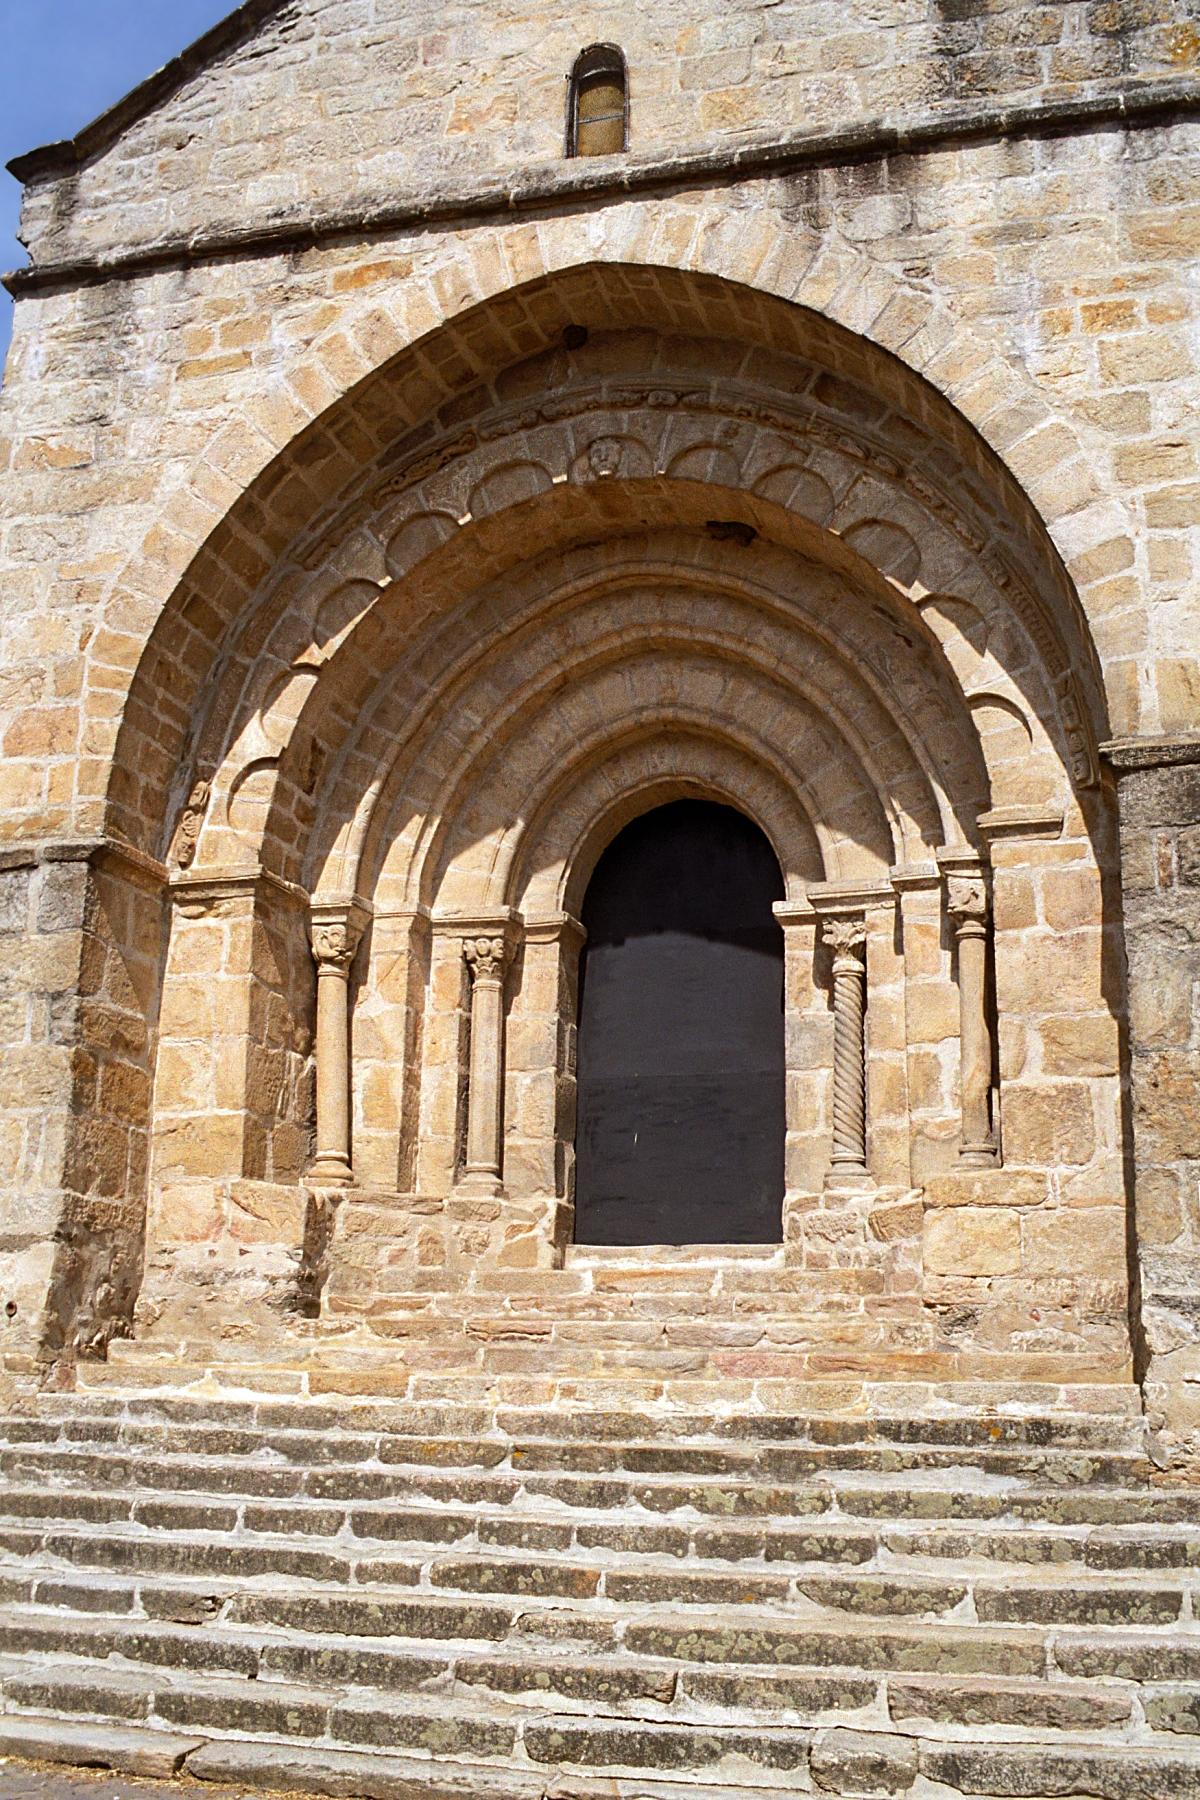 Polylob e d finition c 39 est quoi for Architecture gothique definition